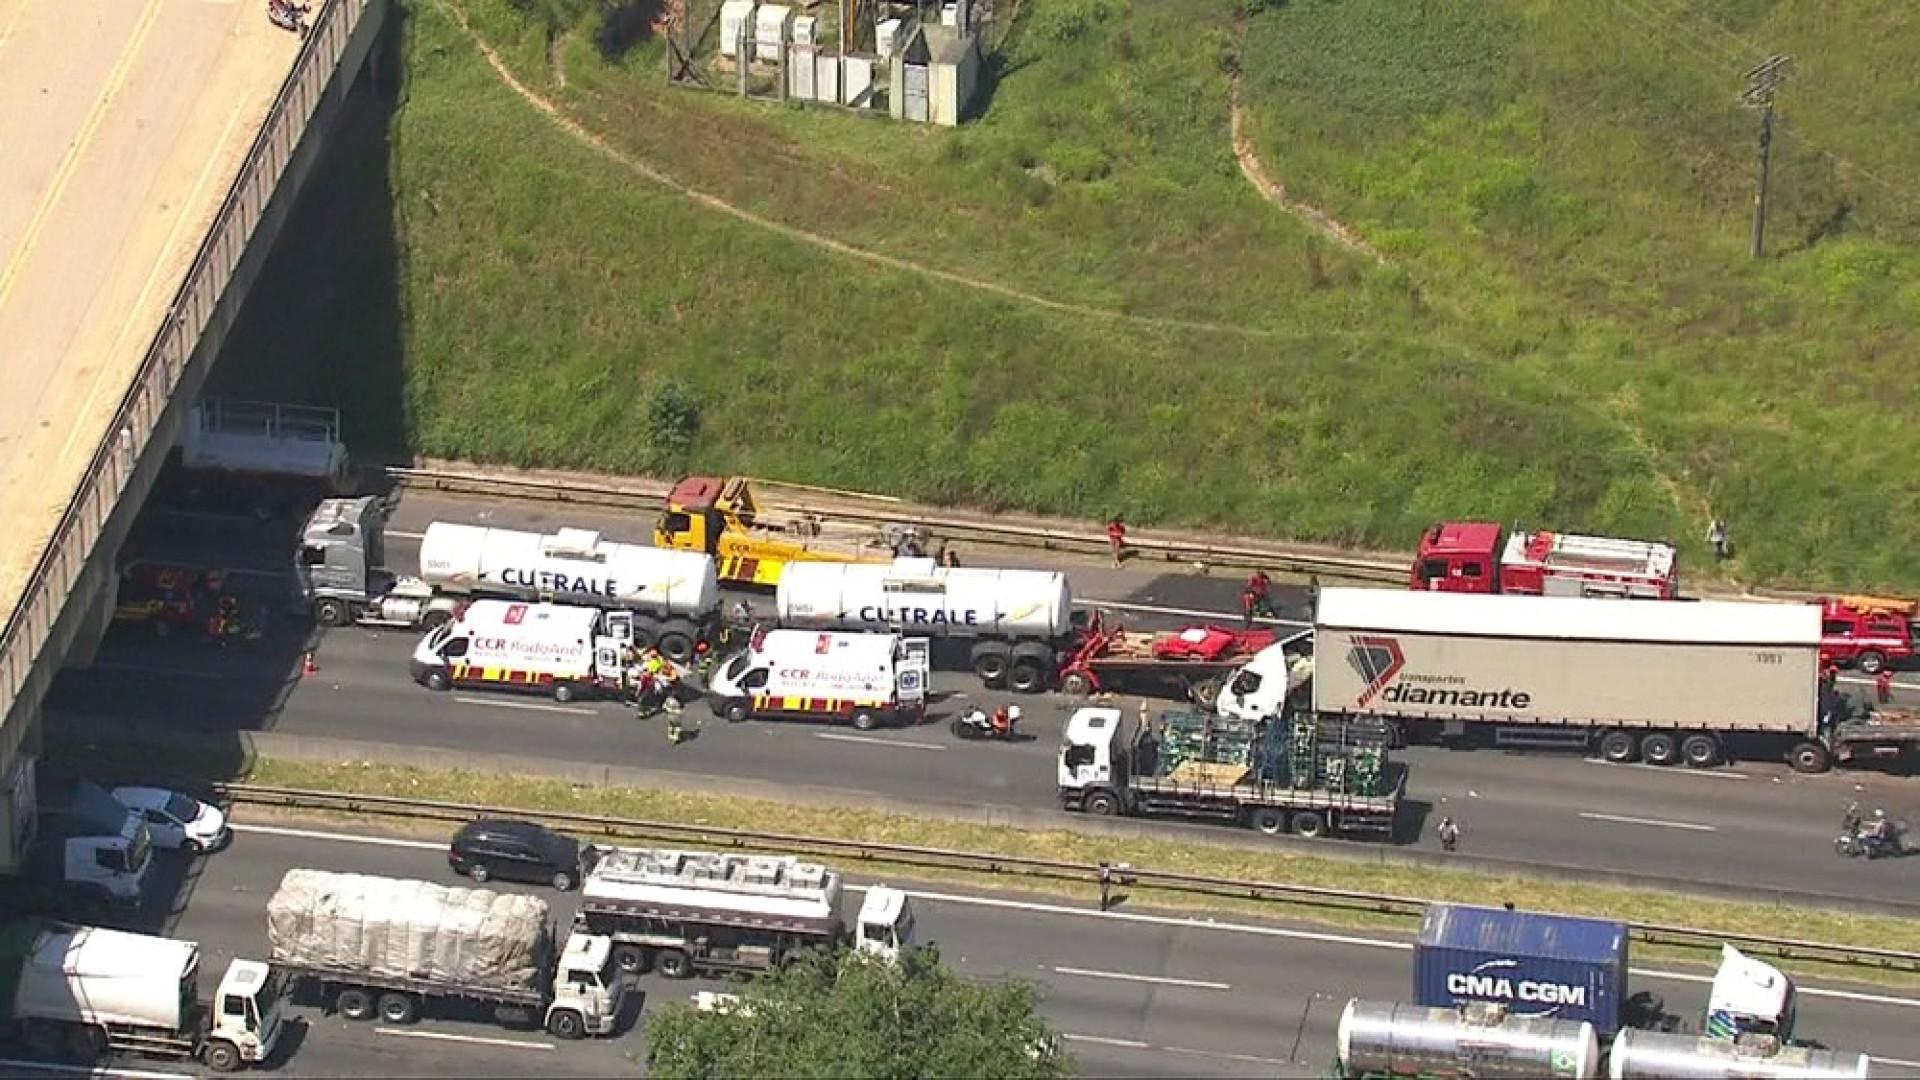 Engavetamento com 4 caminhões deixa 3 pessoas presas nas ferragens